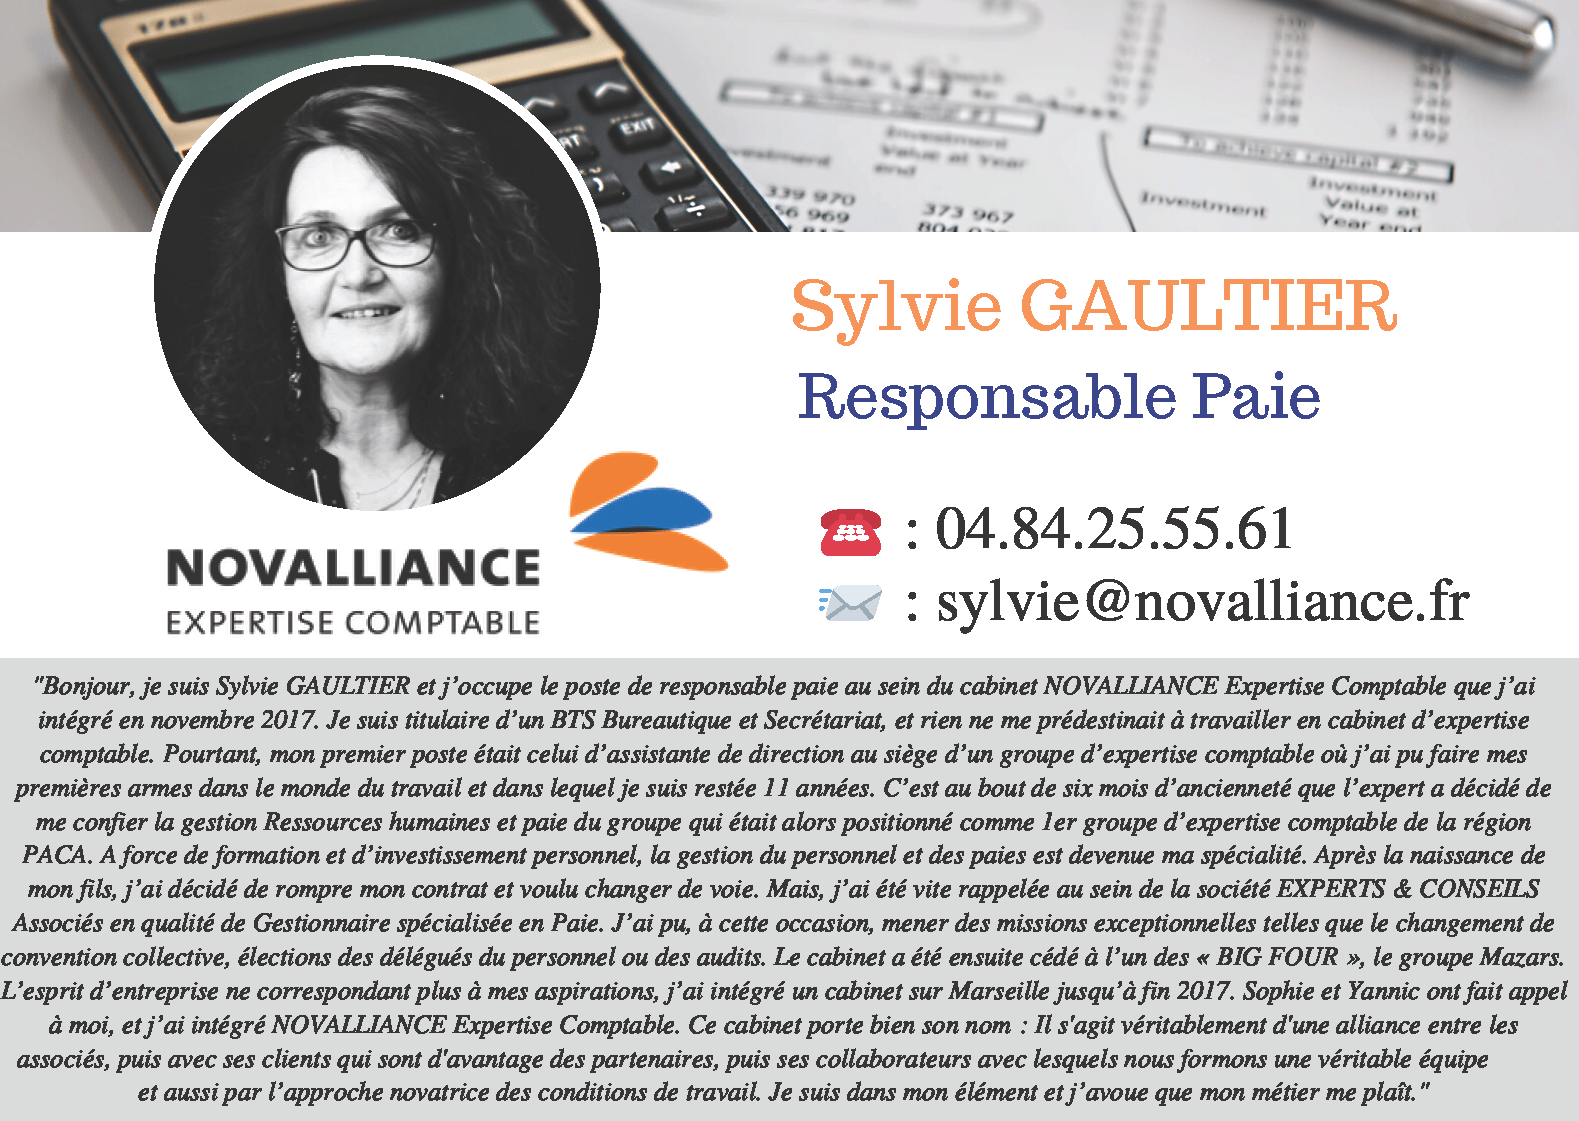 Fiche Responsable Paie Sylvie GAULTIER